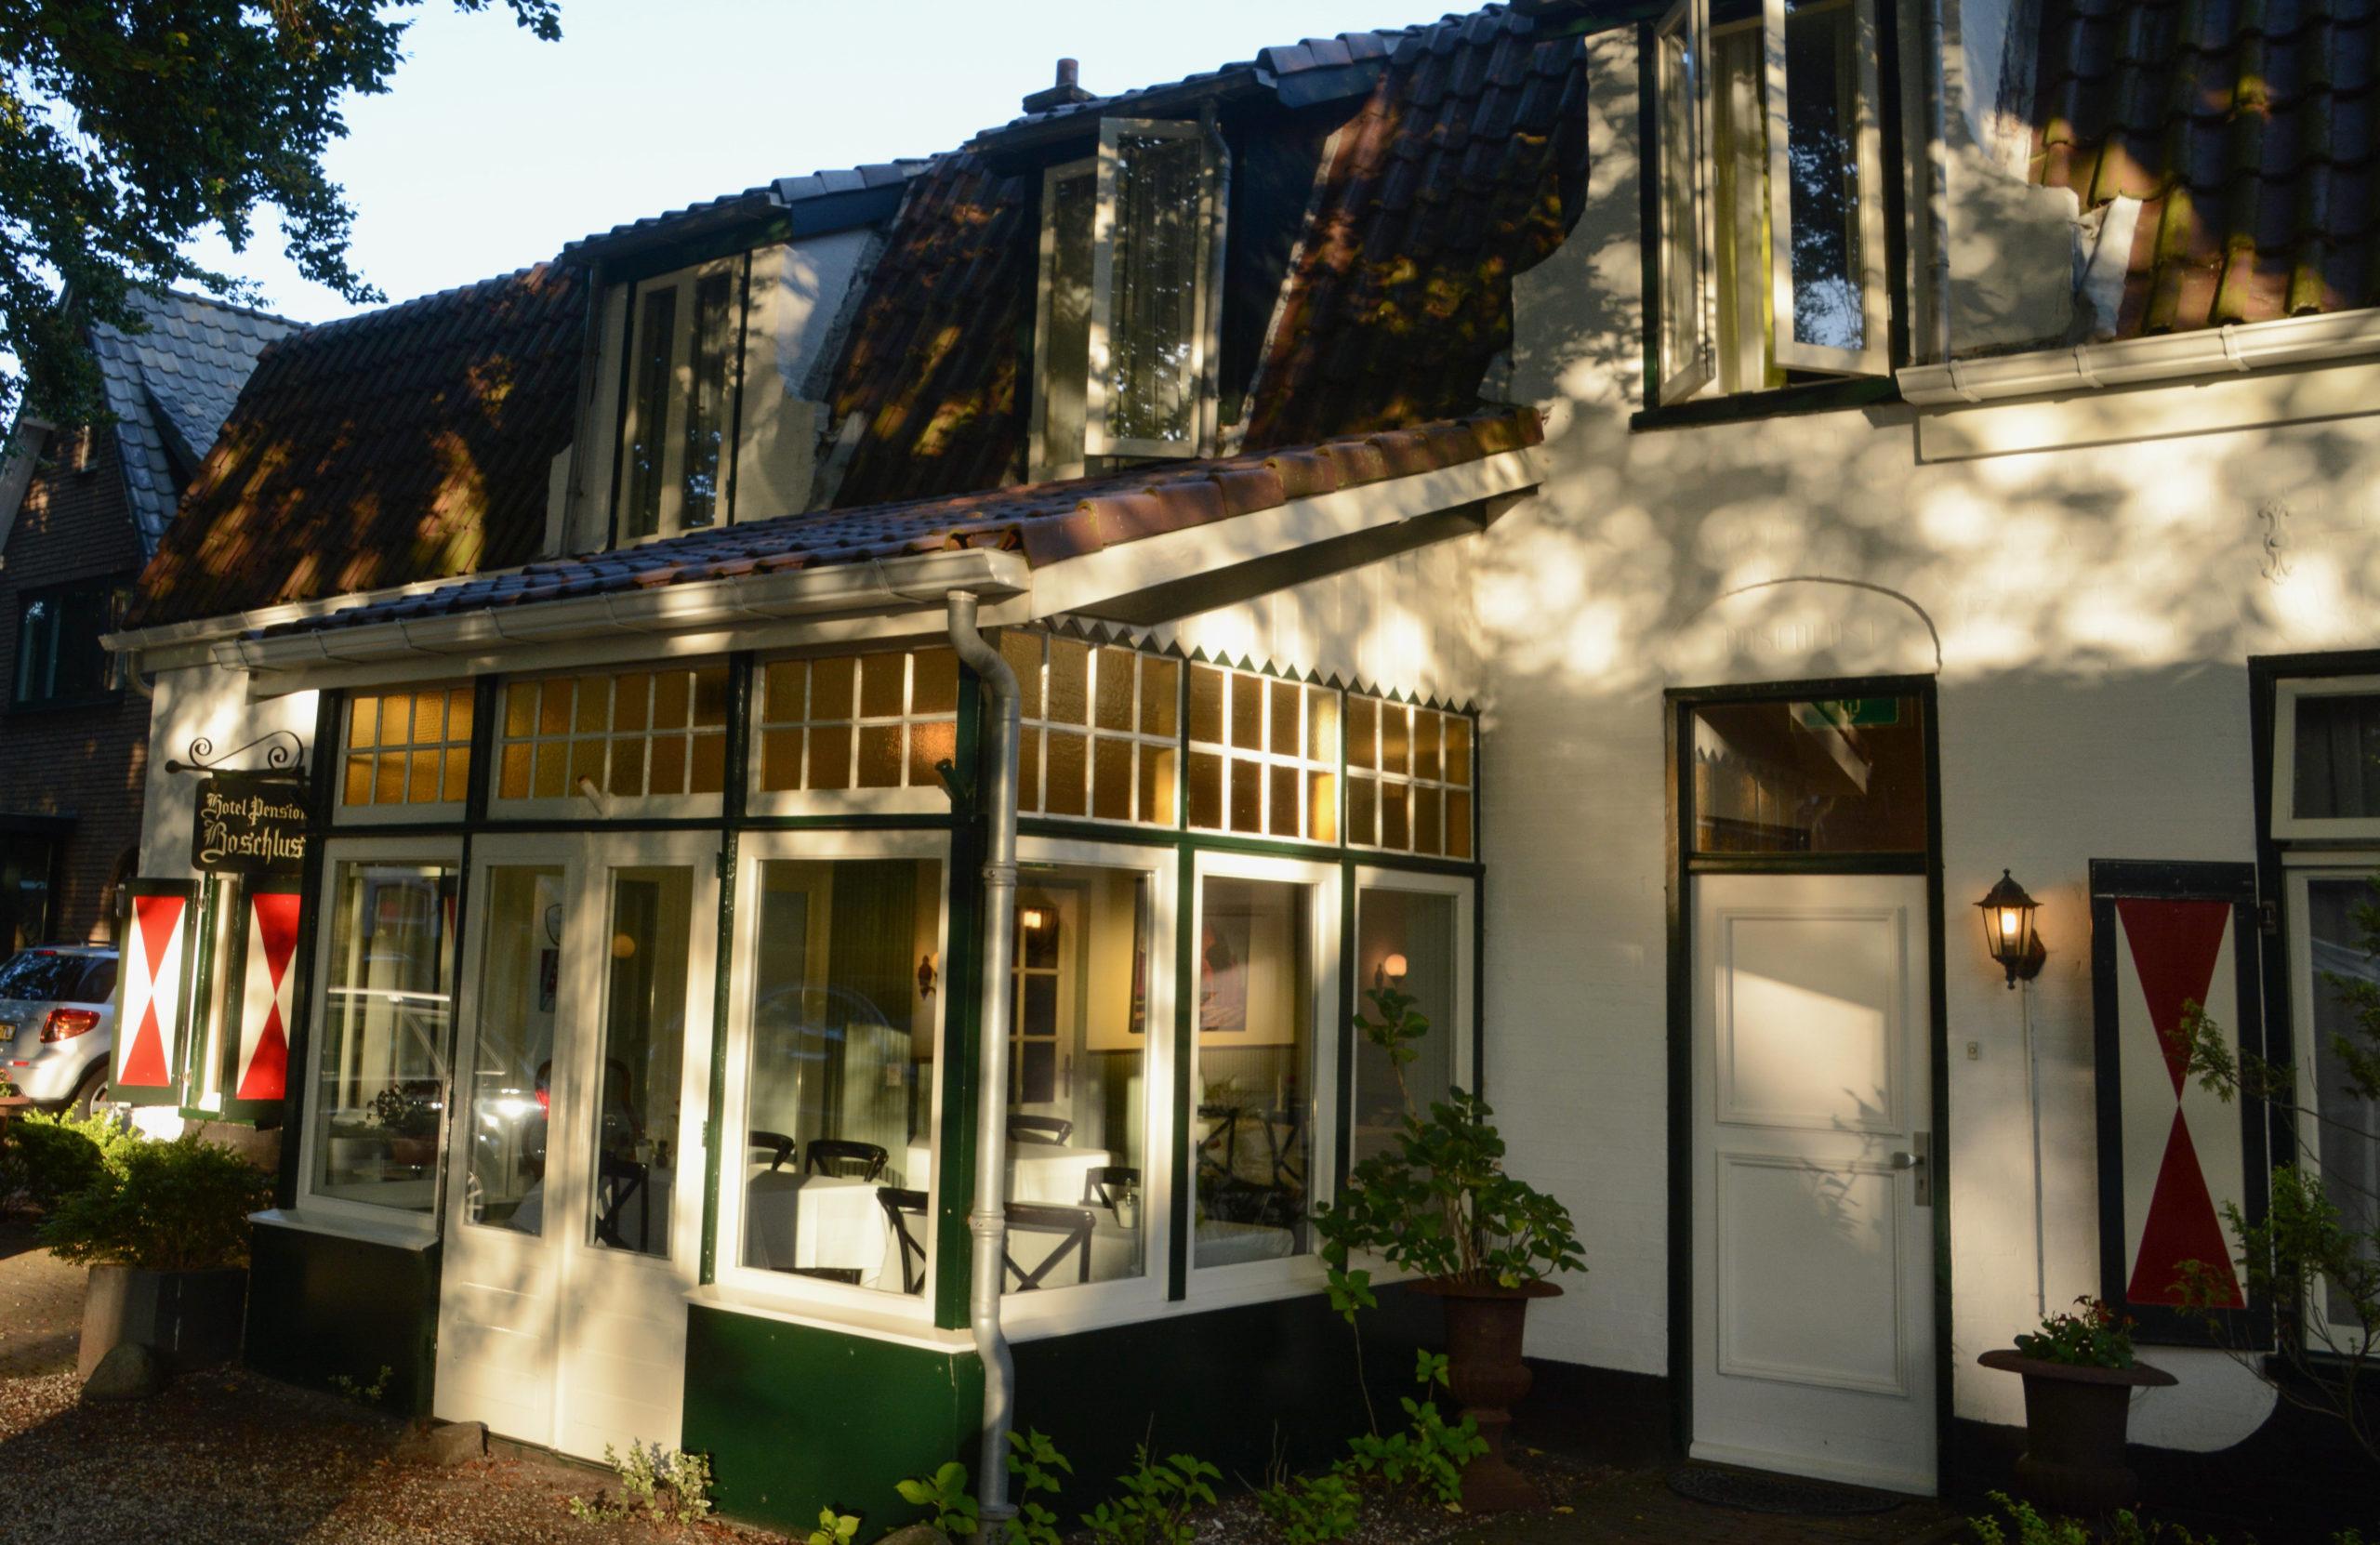 Hotel Boschlust in Bergen Nordholland von außen